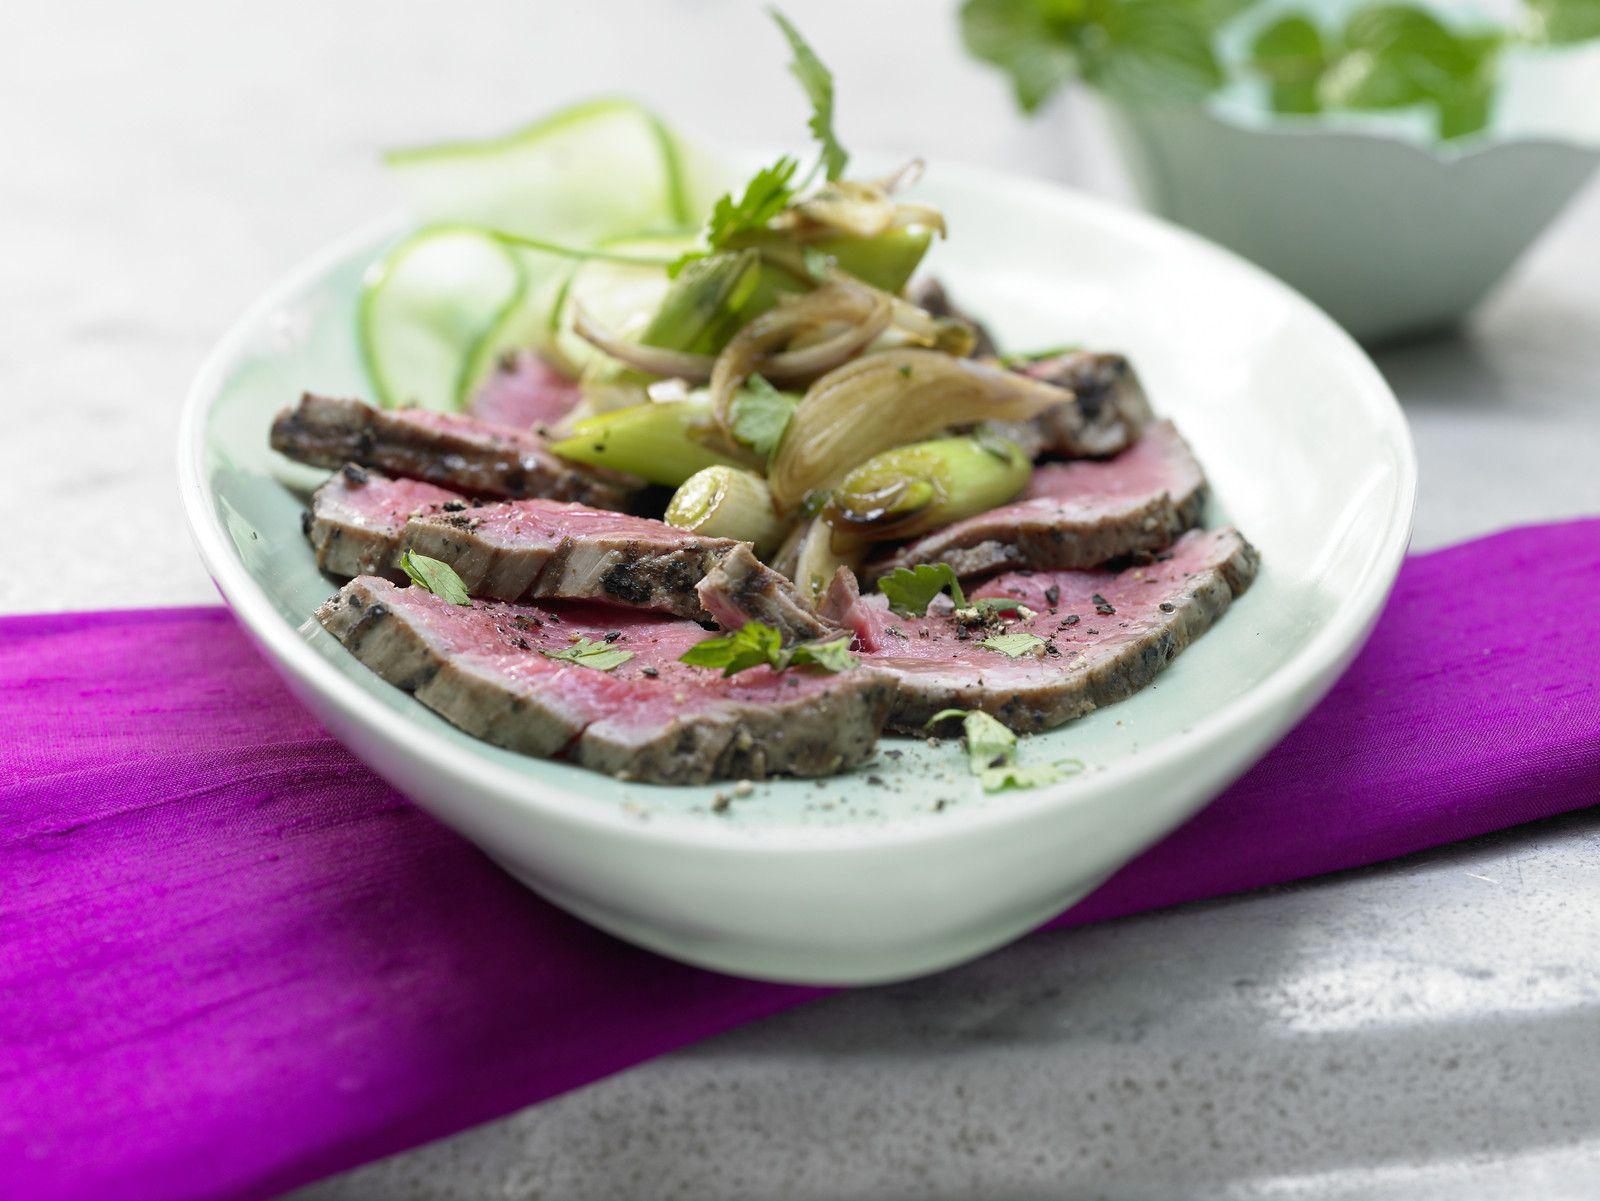 """Ich liebe gutes Steak und asiatisches Essen. Der """"Thailändische Rindfleischsalat"""" verbindet beides und gehört deshalb zu meinen liebsten EAT SMARTER-Rezepten! Nicole"""